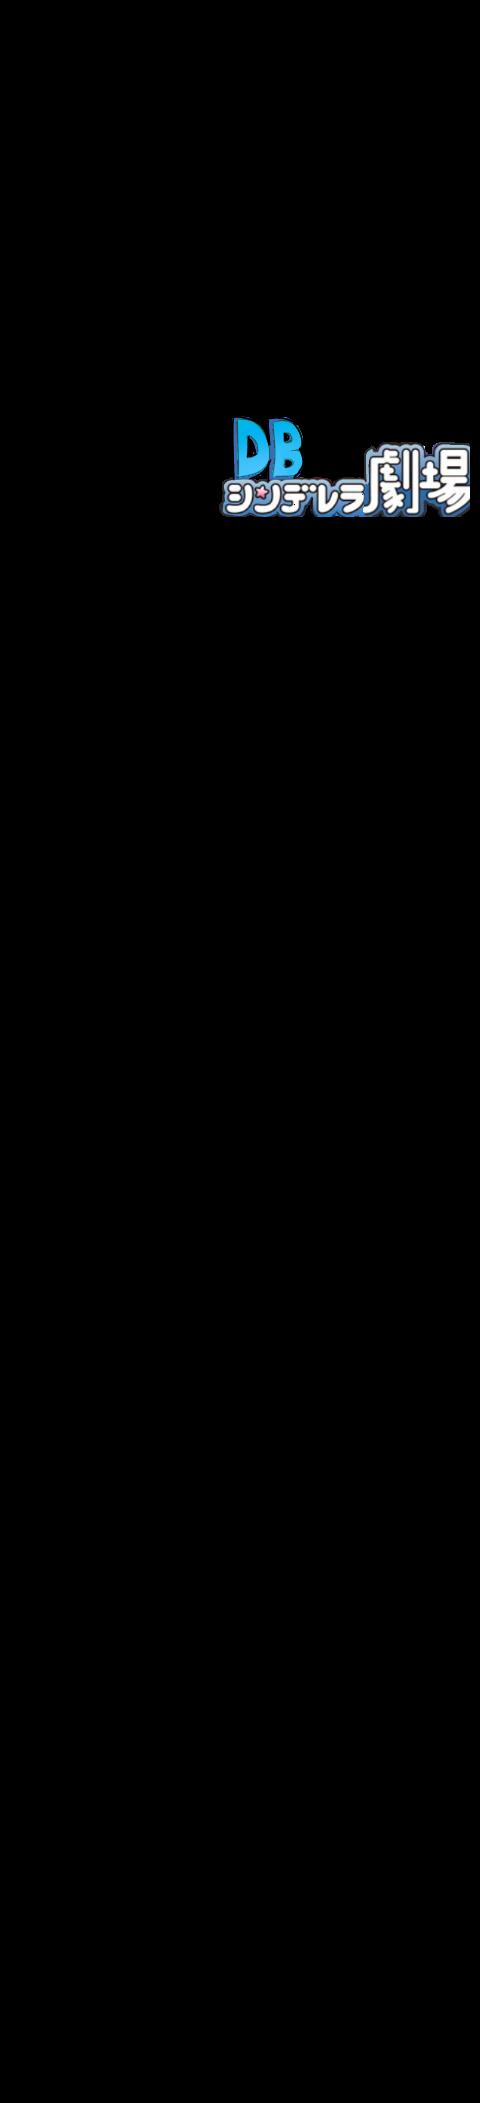 X9Hc1q4